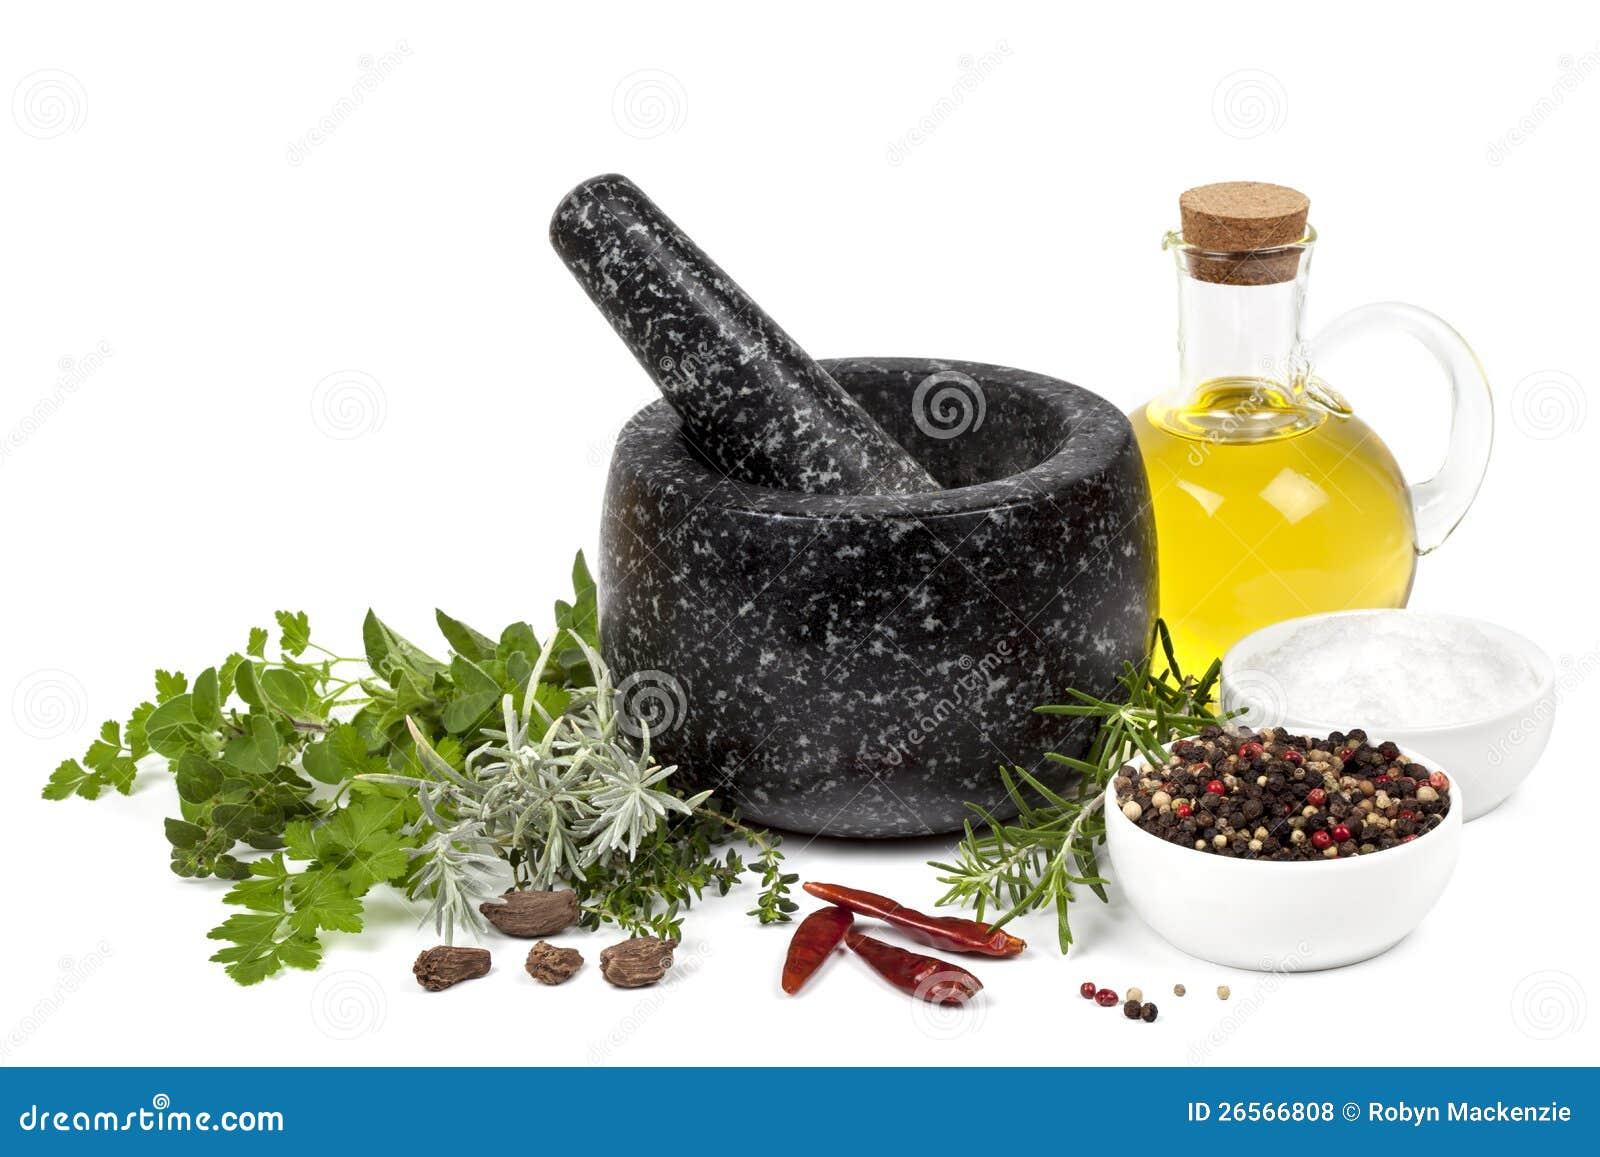 灰浆和杵用草本和香料